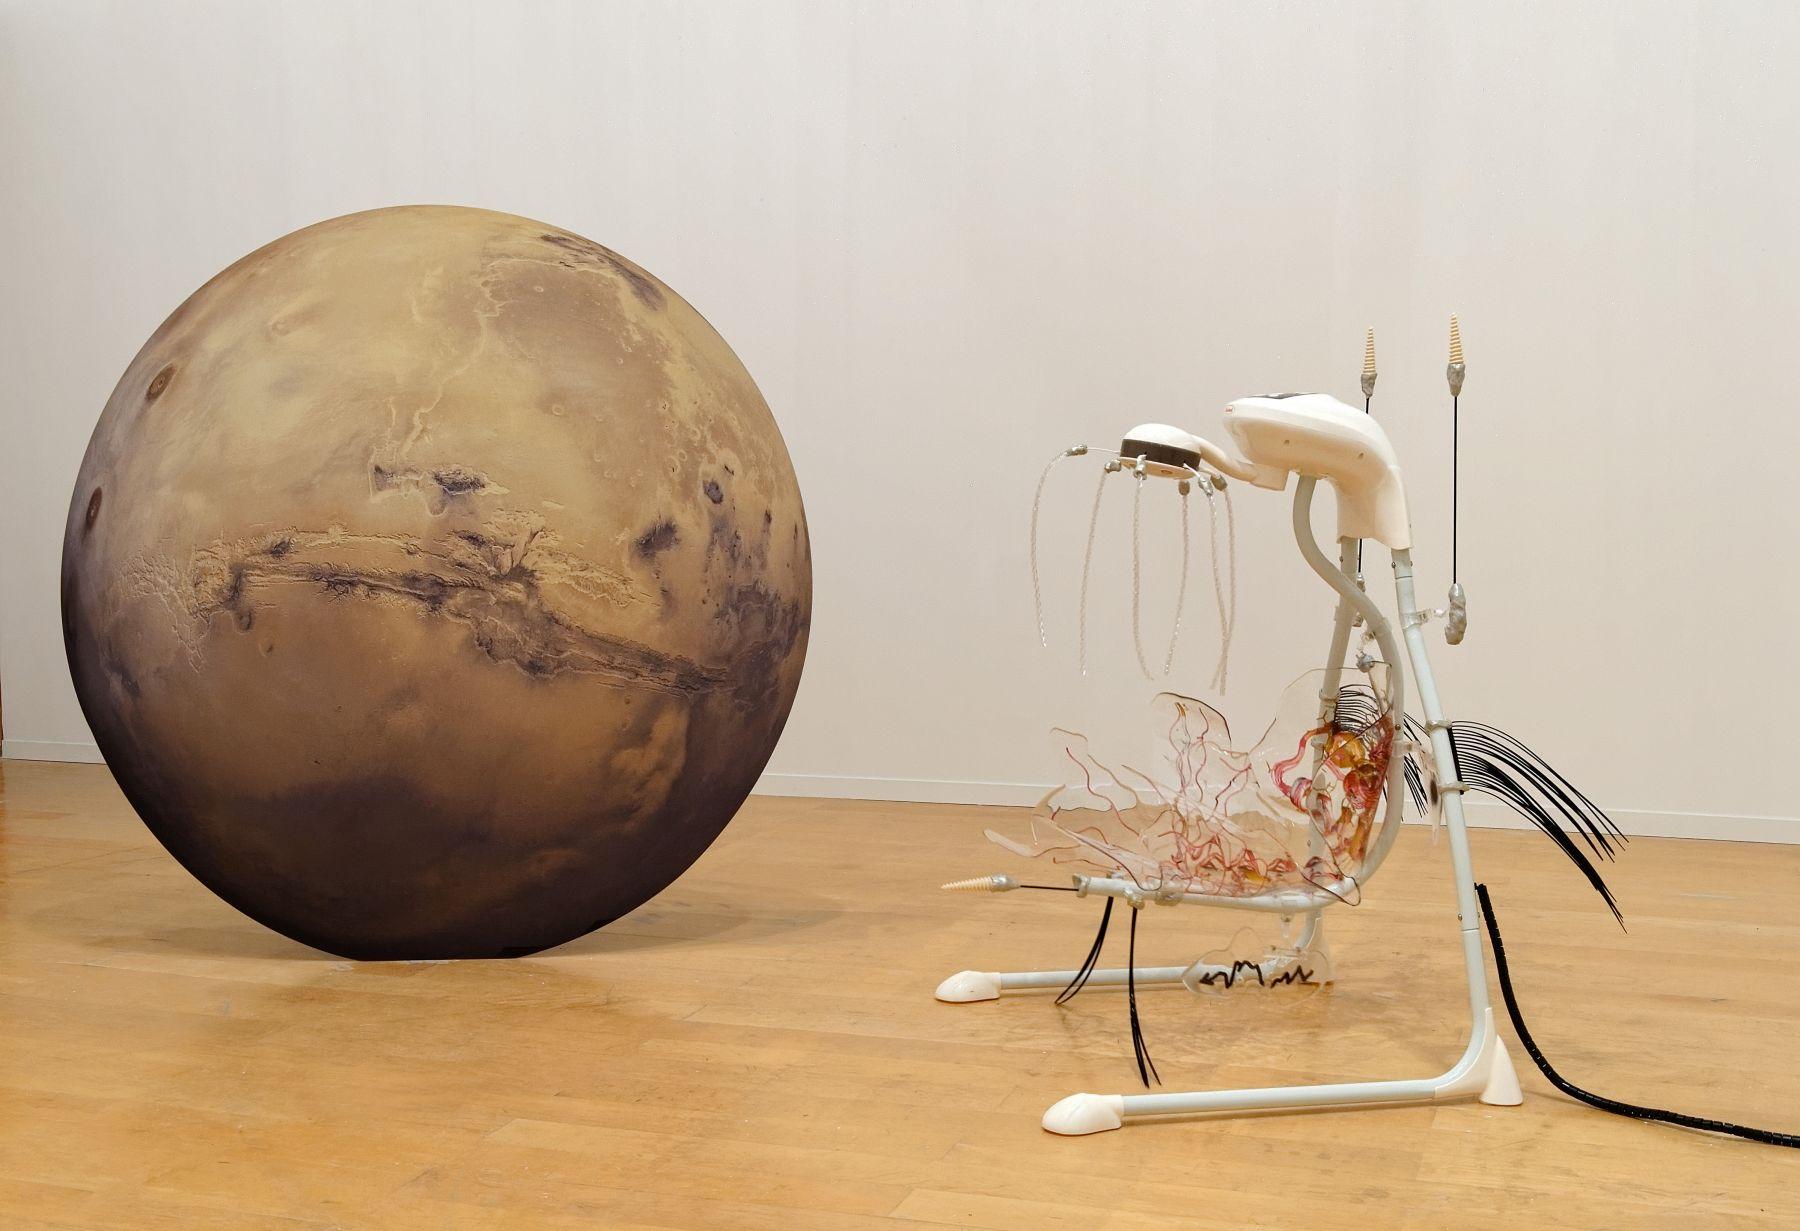 Katja Novitskova, Installation view, 13th Biennale de Lyon: La vie modern, Le Museé d'art contemporain de Lyon,, Lyon, France, 2015